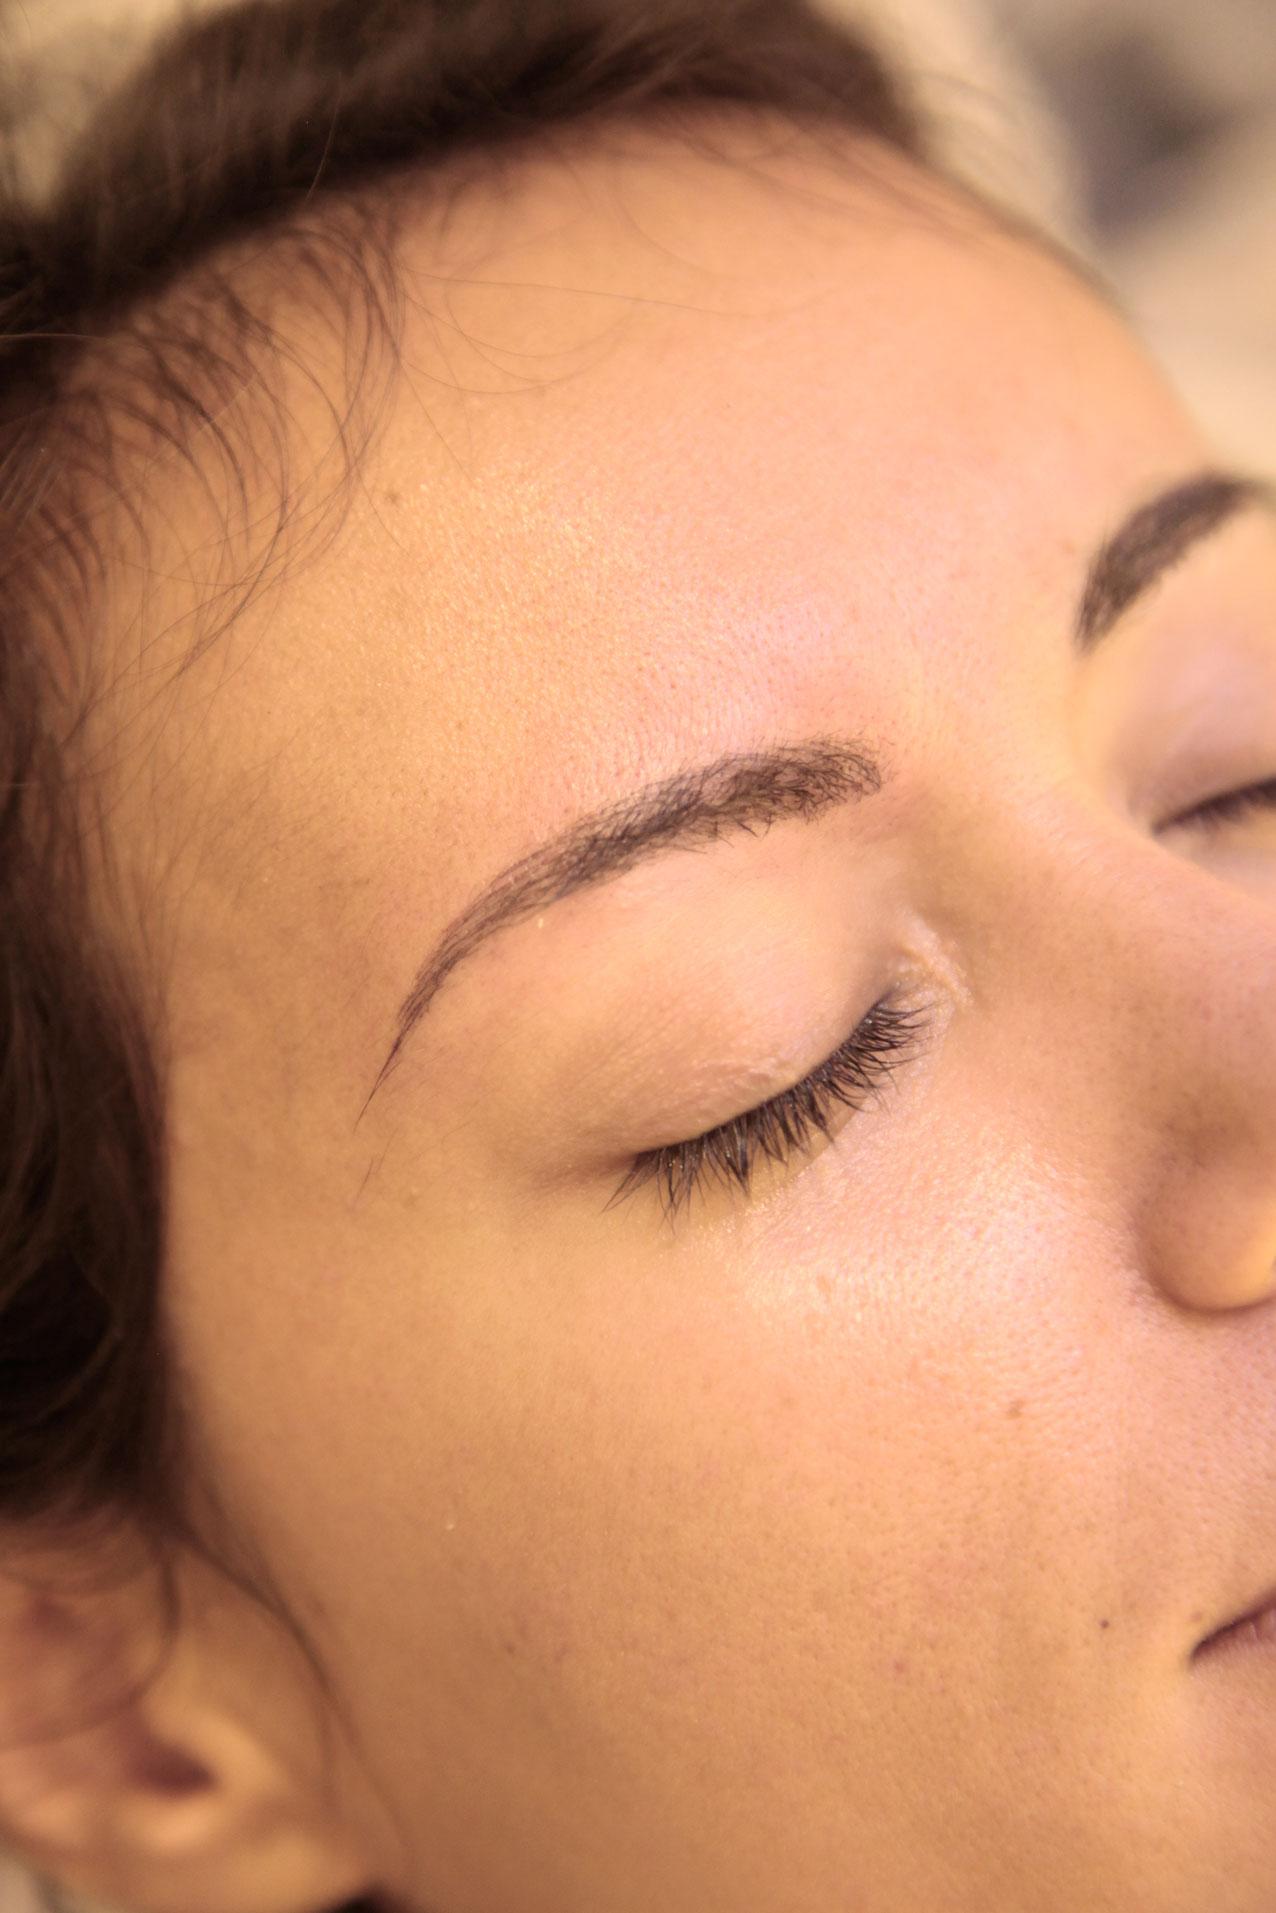 tratamiento-micropigmentacion_cejas-angela_navarro-belleza4